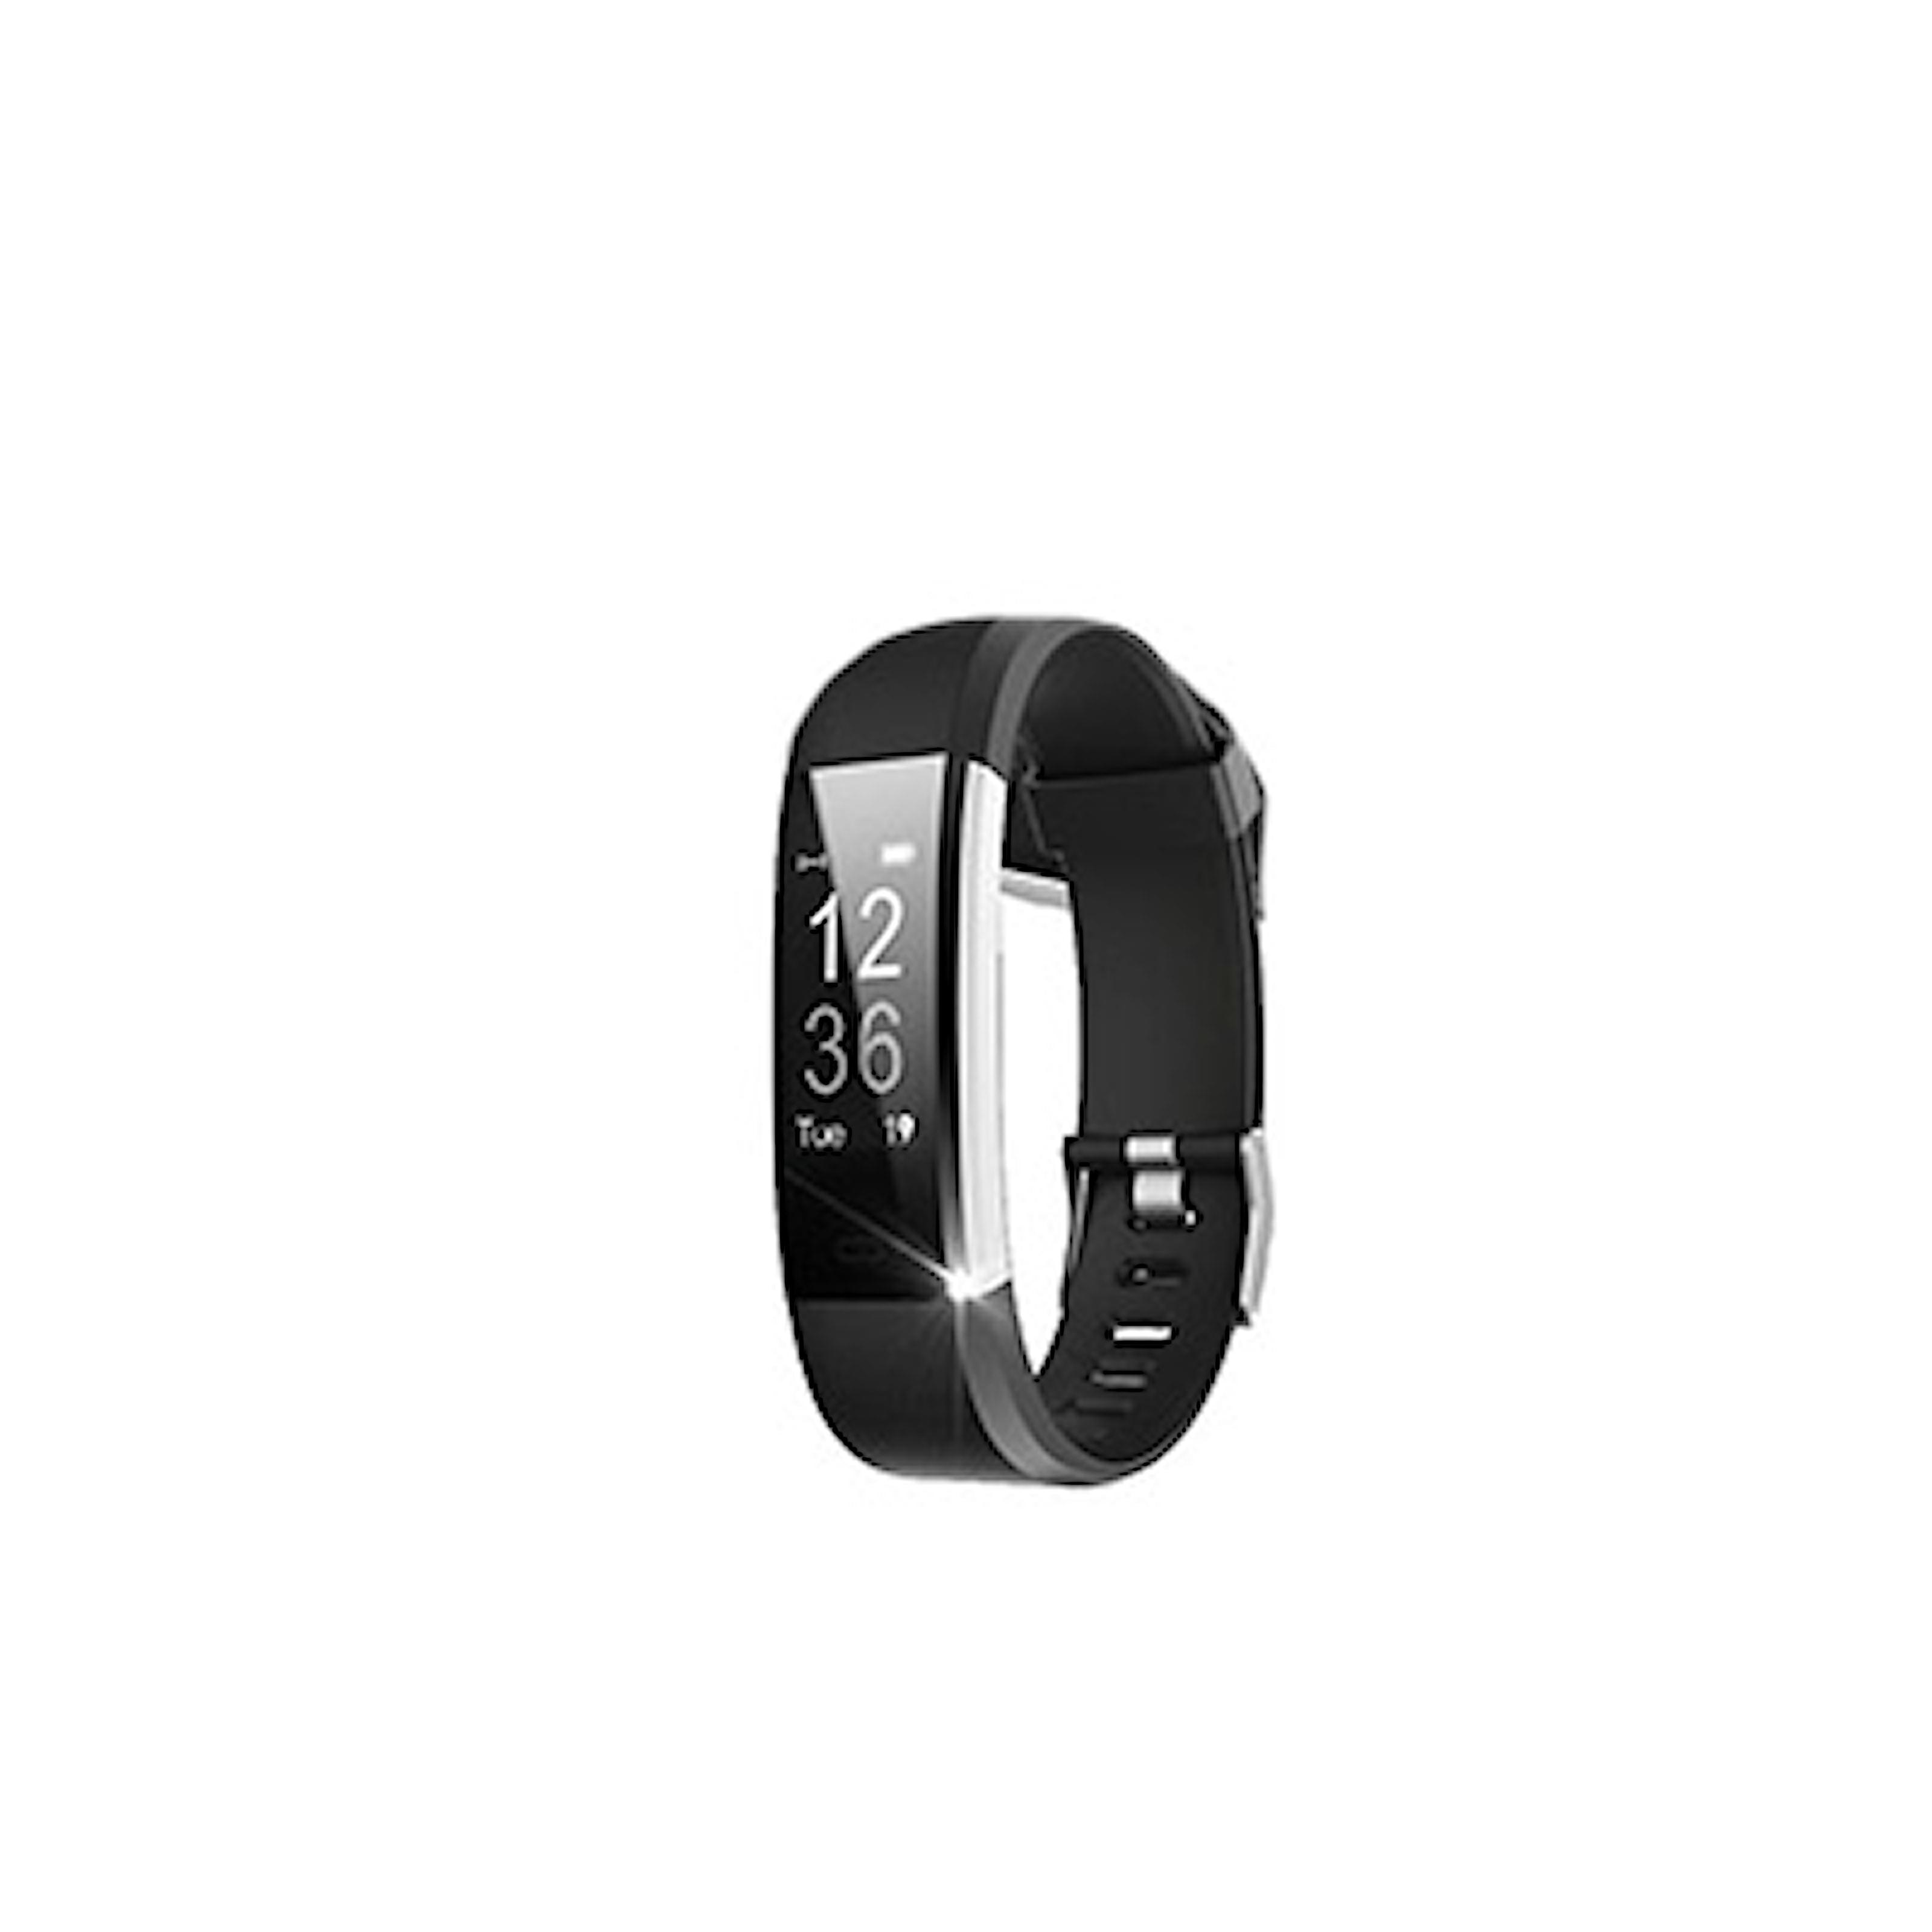 Svart, Fit Bracelet with Color Display, 5 colors, Aktivitetsarmband med färgdisplay, ,